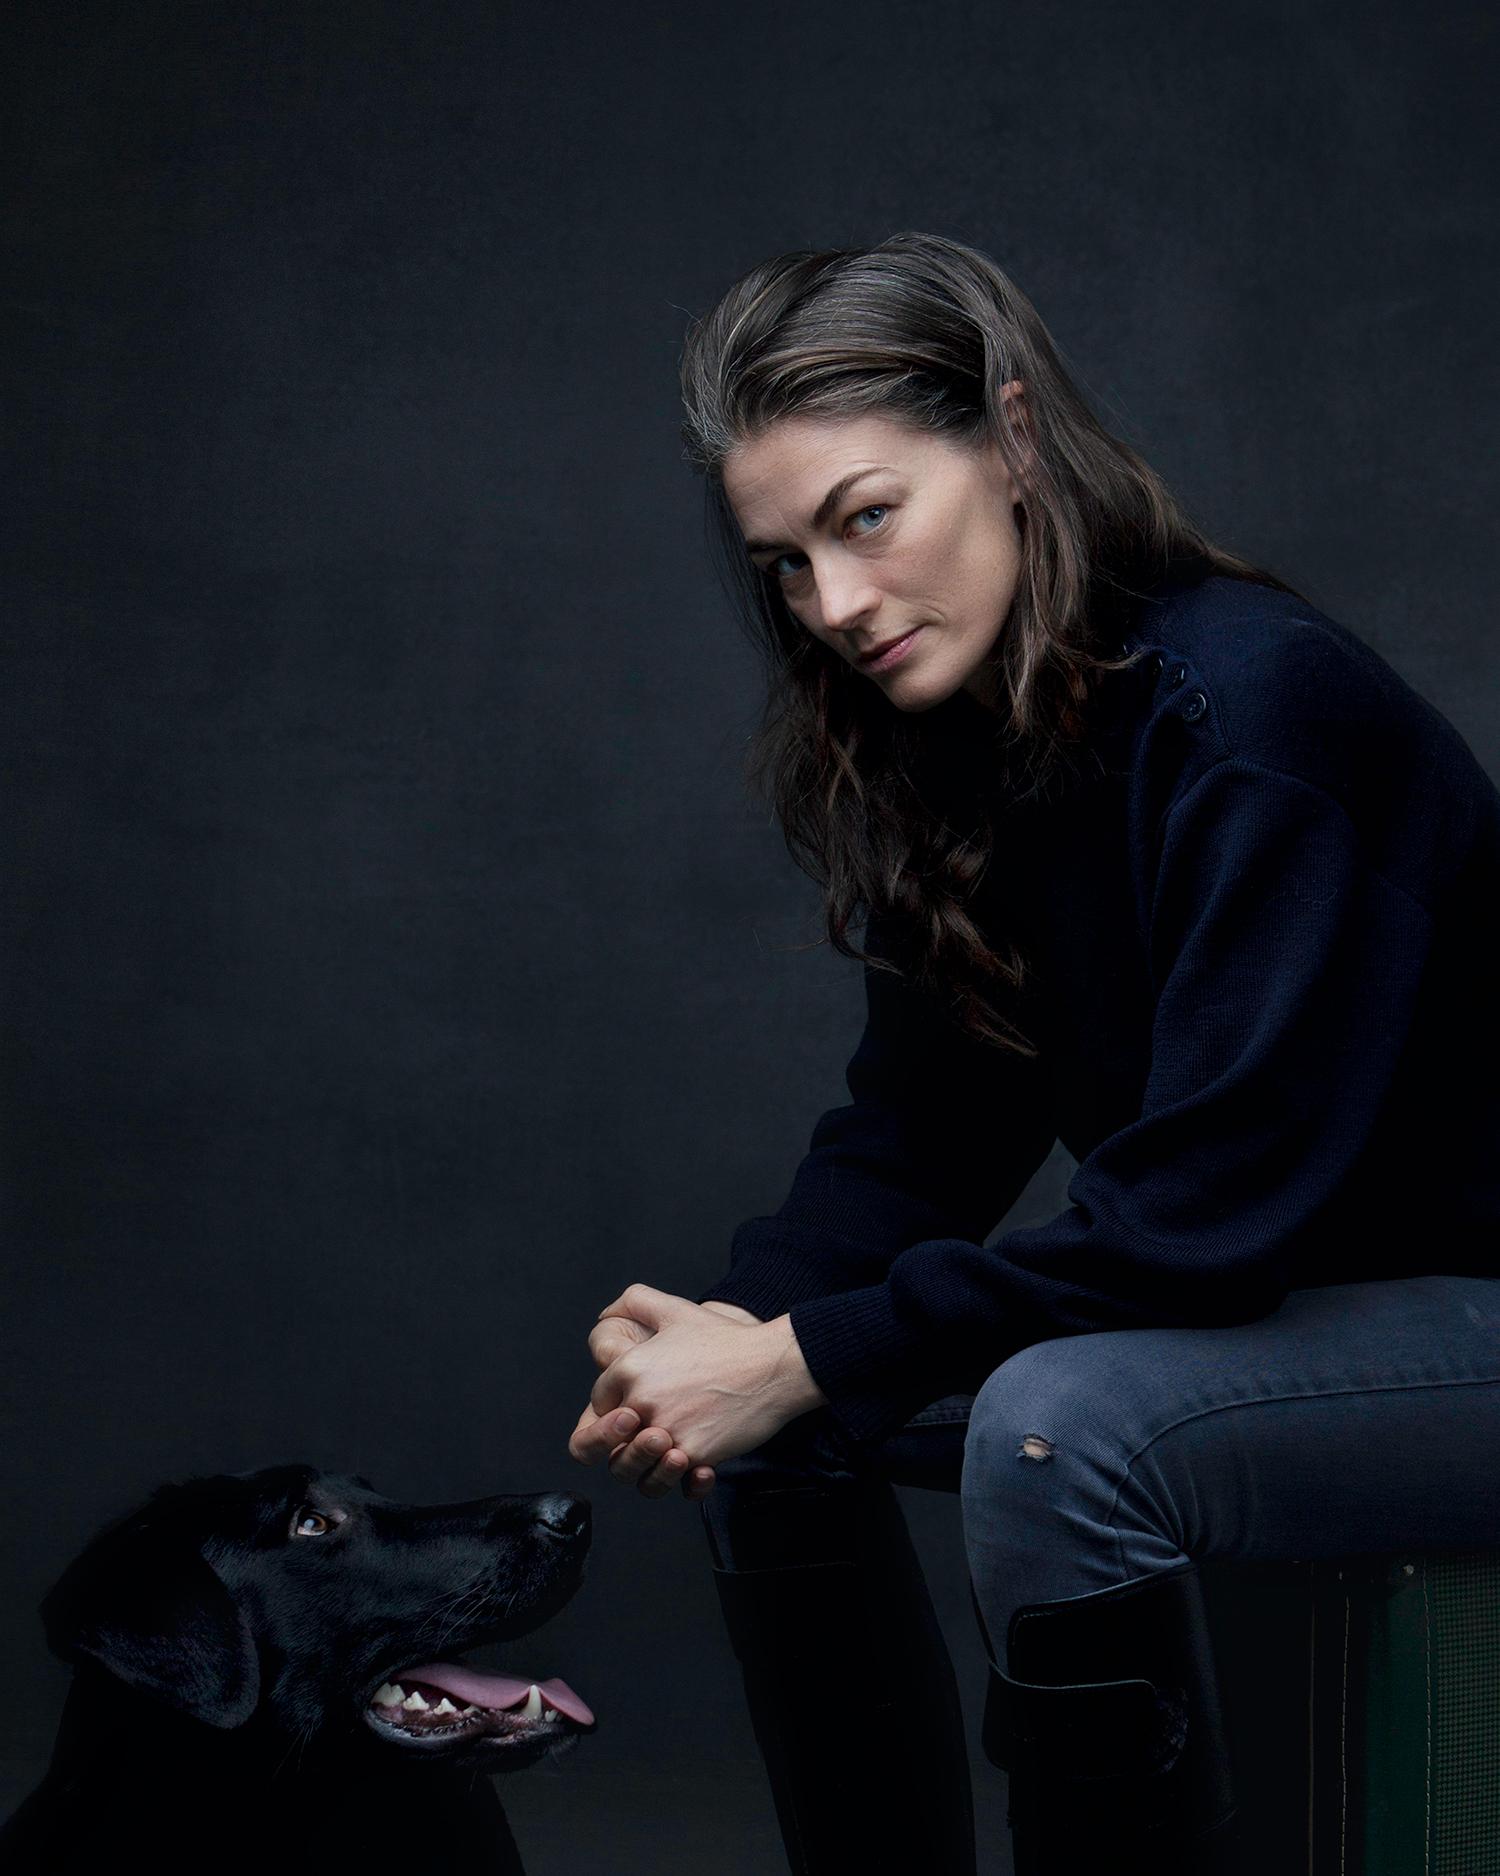 Sara Teleman Porträtt Studio Fotograf David Falk Unique Talents